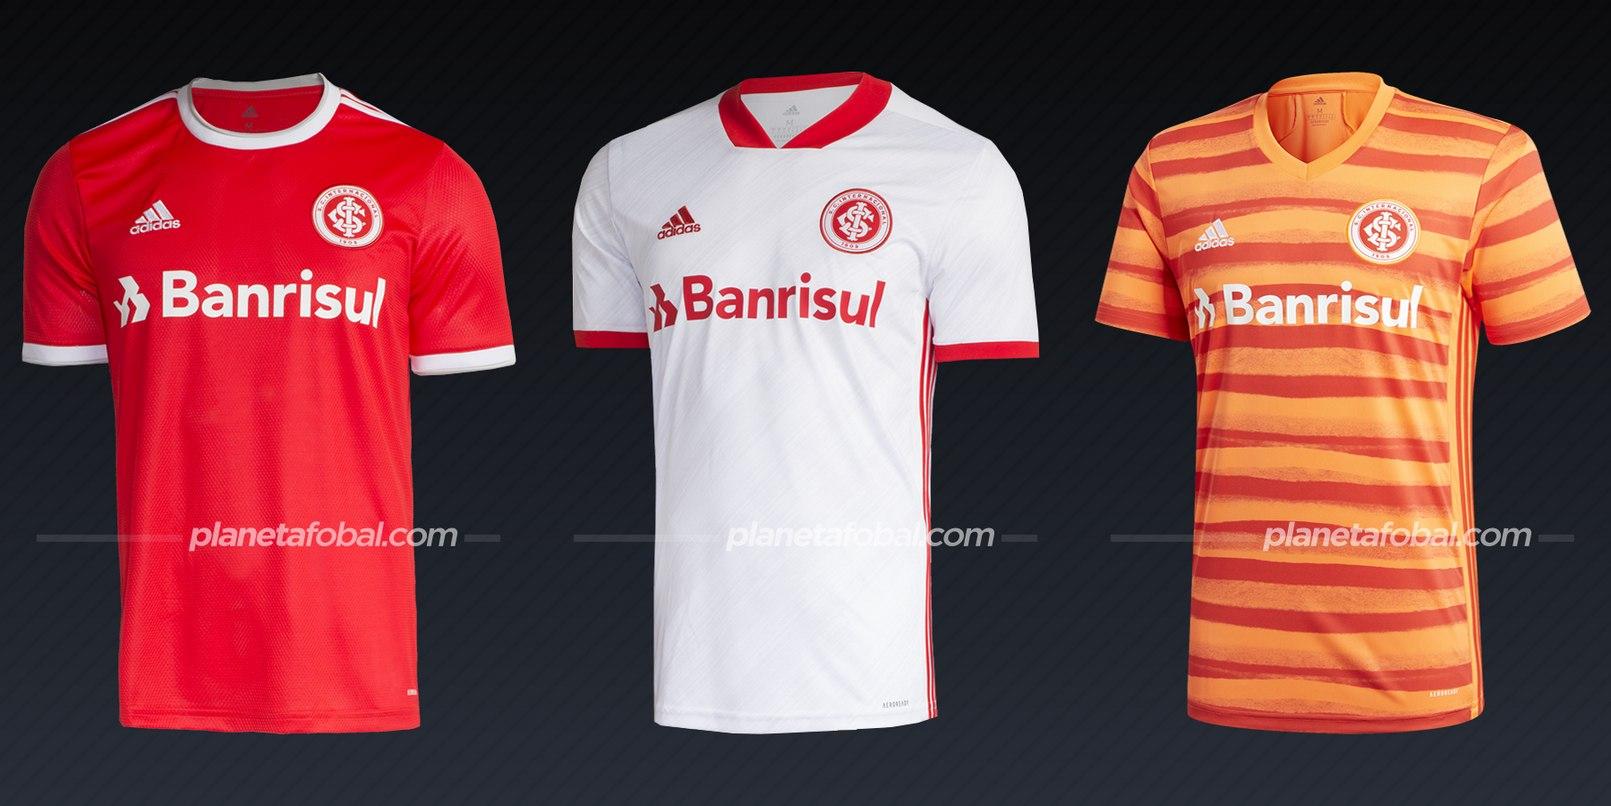 Internacional (Adidas) | Camisetas del Brasileirão 2020